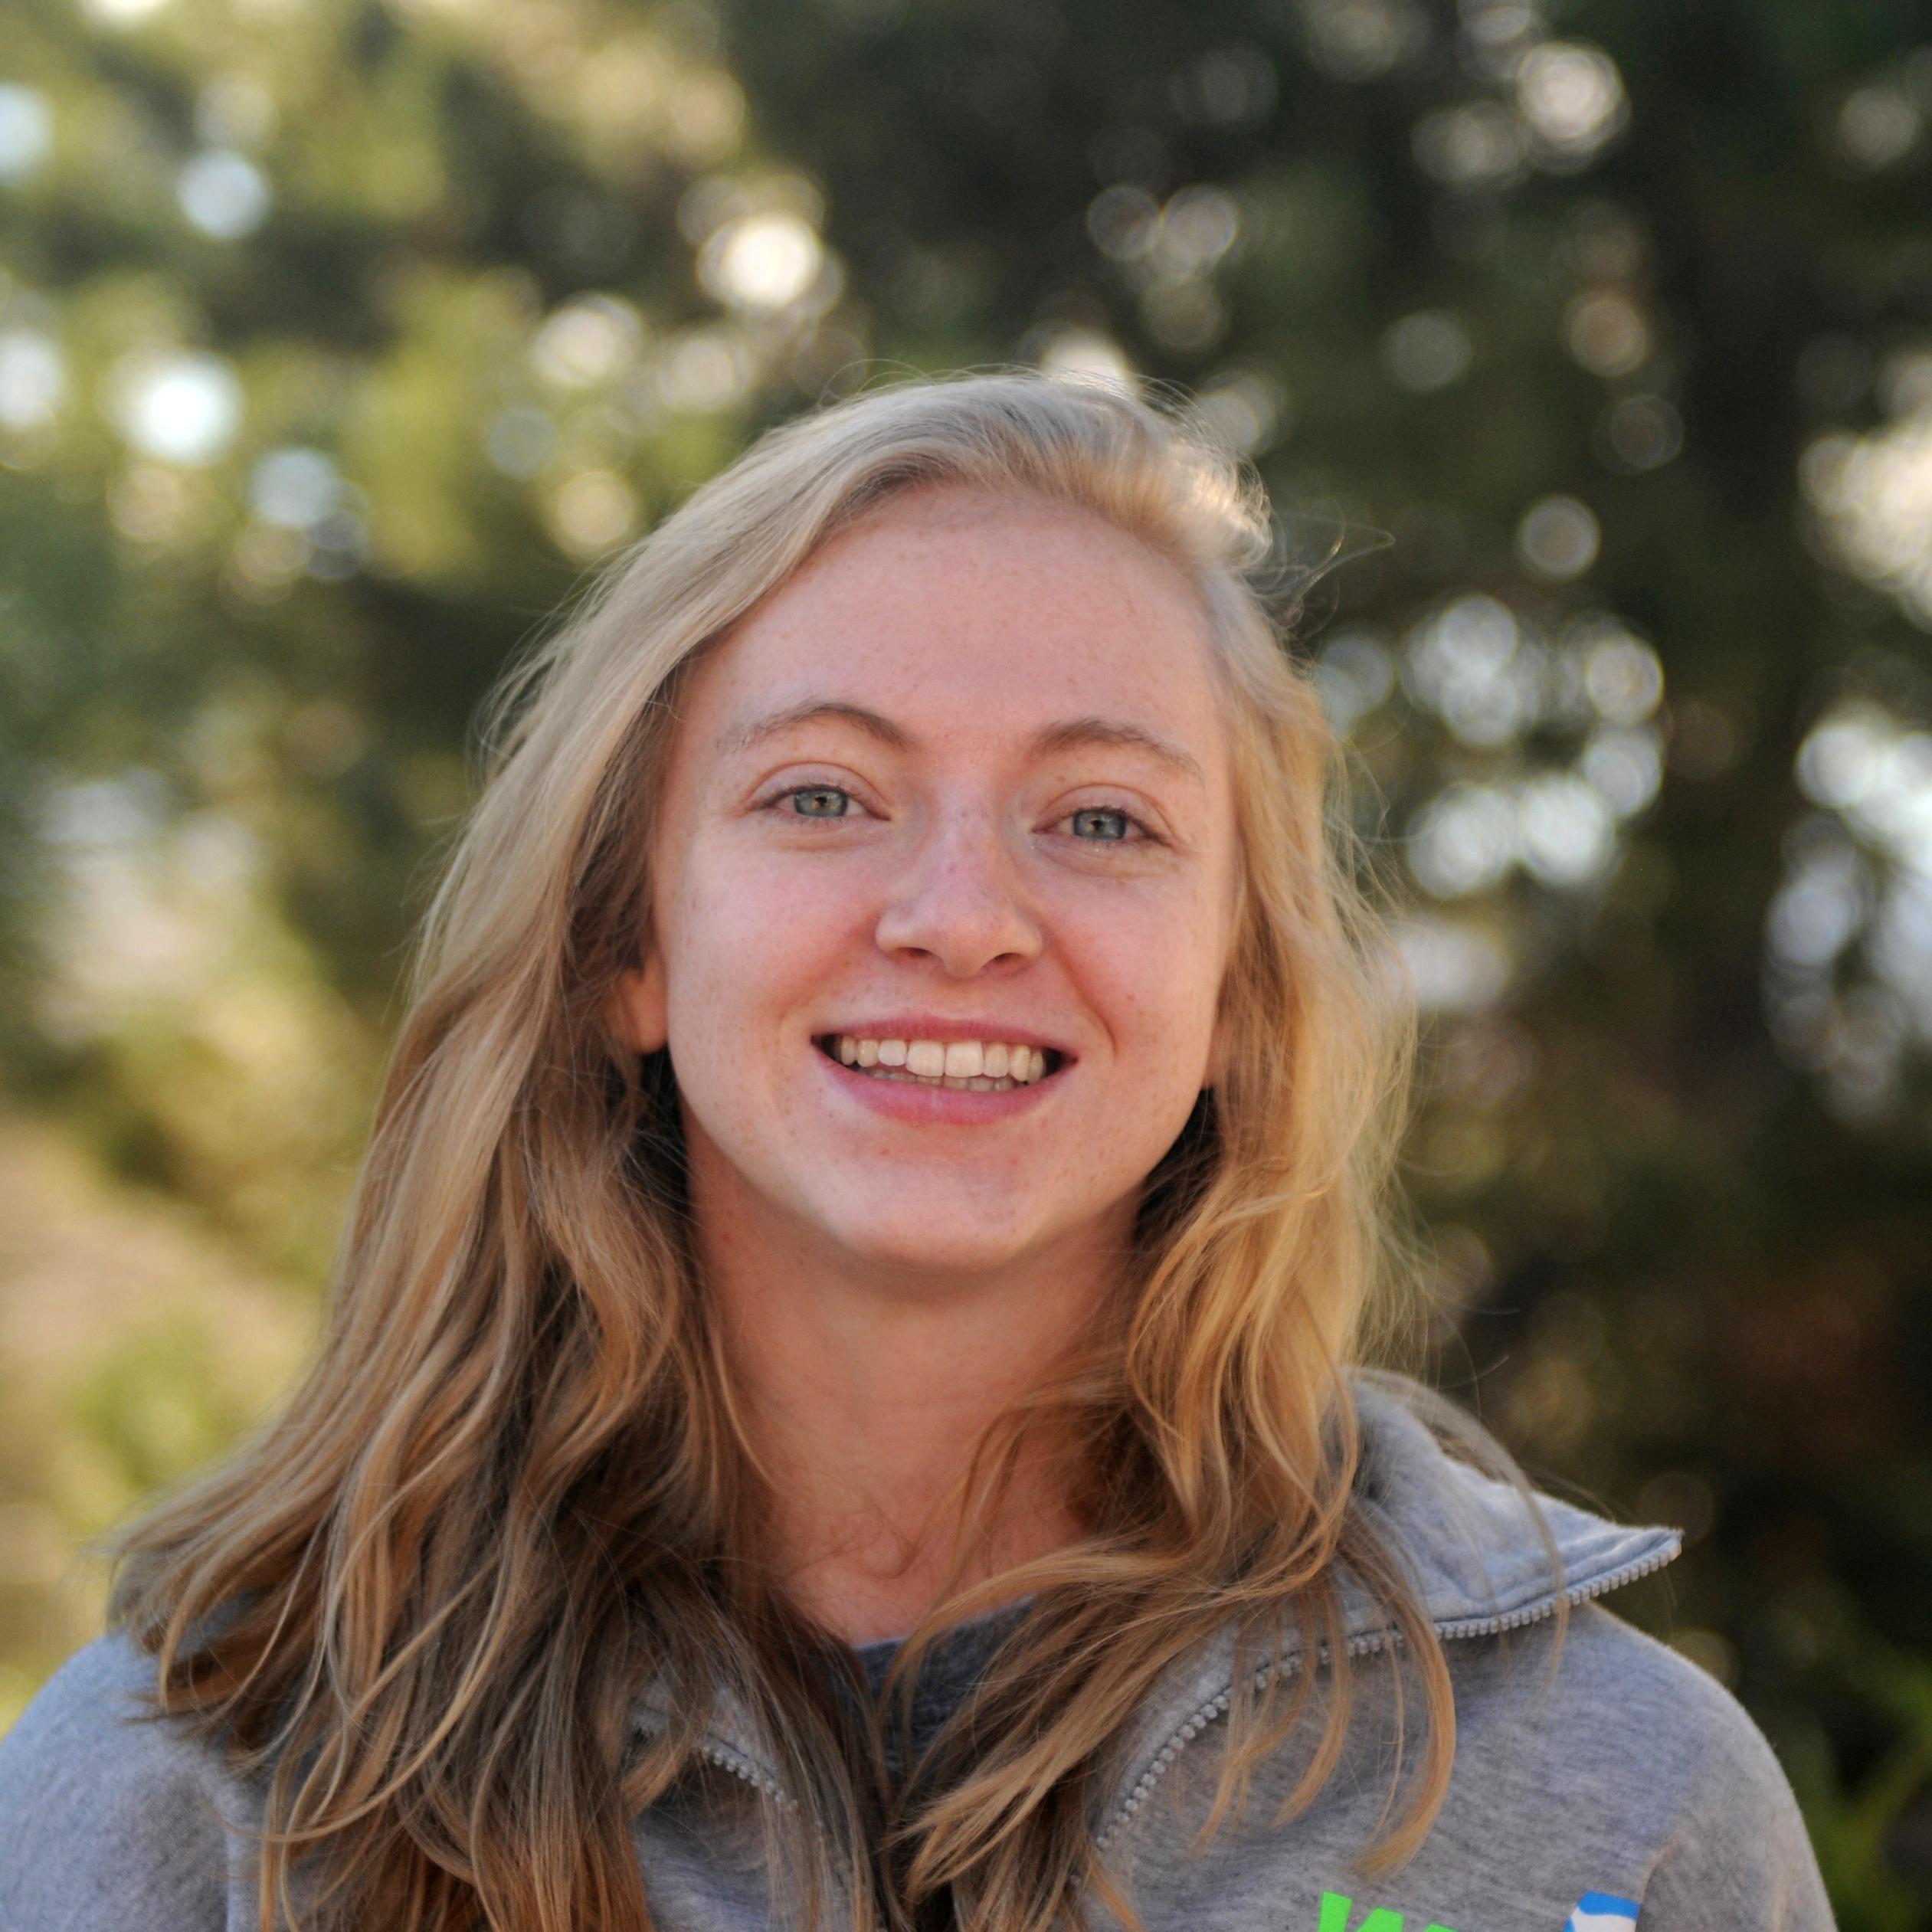 Madison Axtell